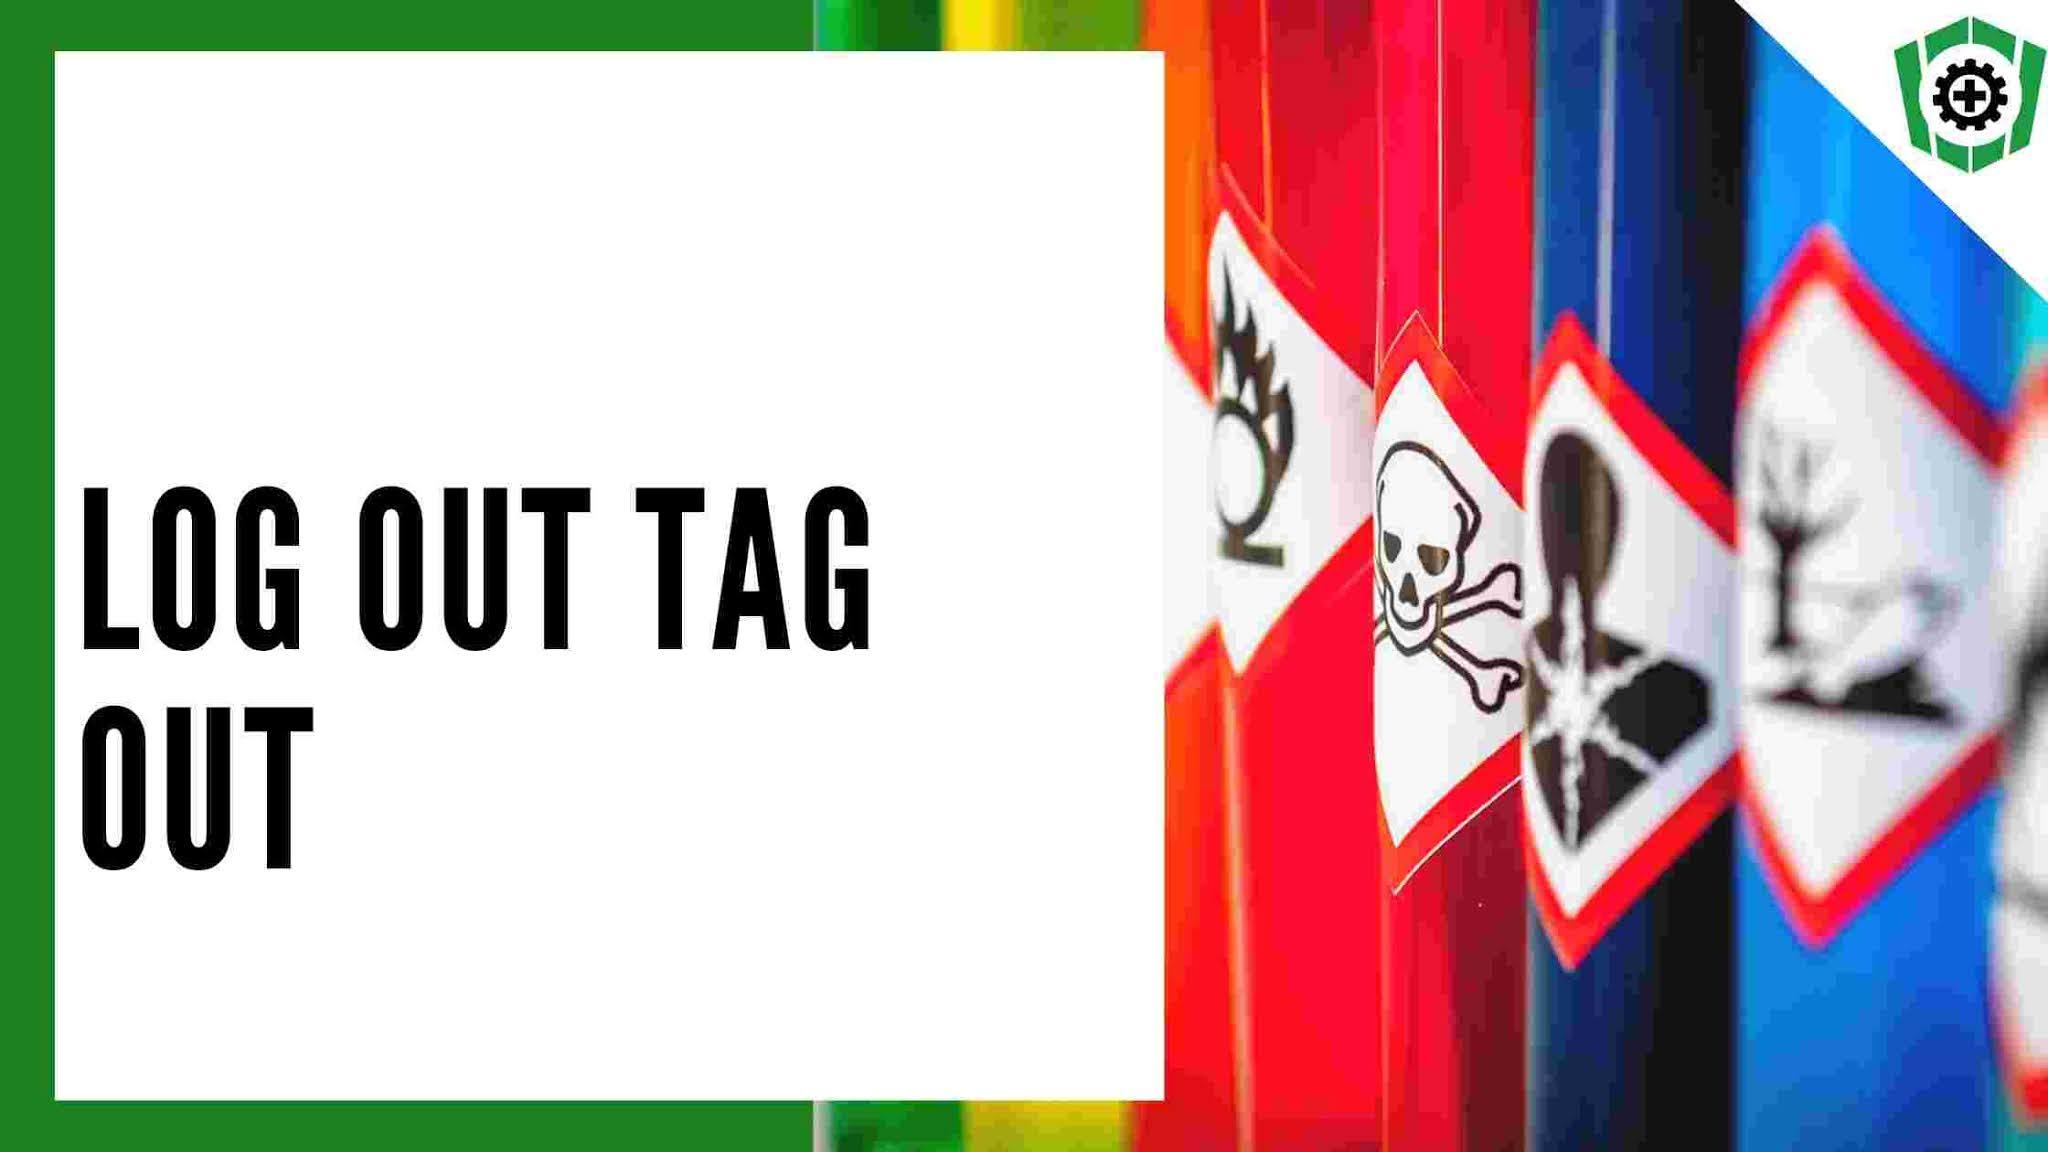 Mengenal LOTO atau Log Out Tag Out dalam K3